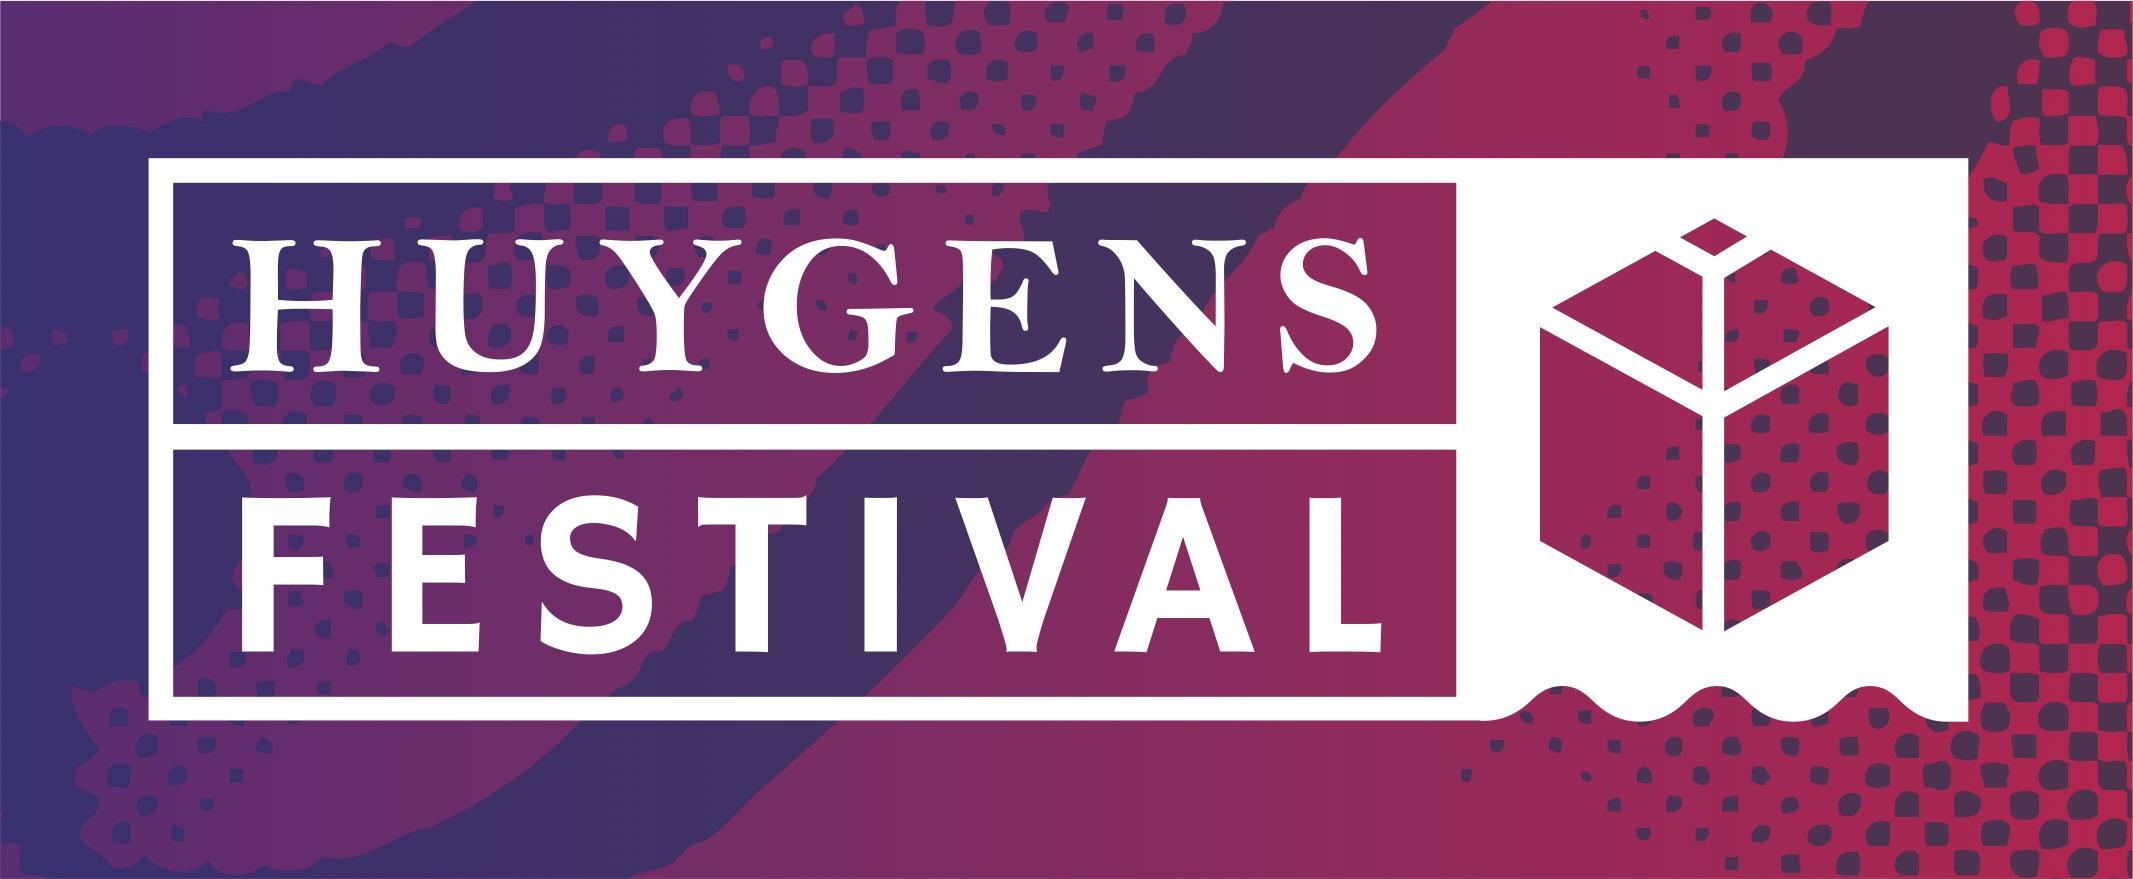 HuygensFestivalLogo